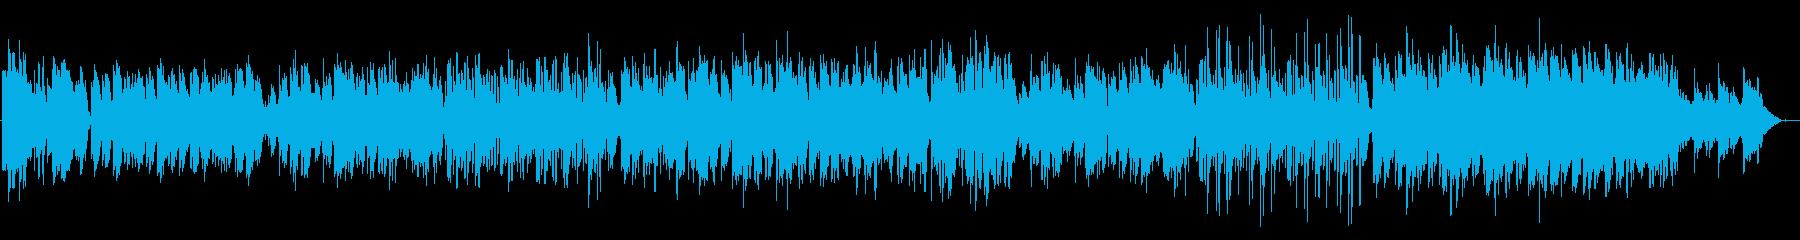 コンガが良いアクセントとなって、ほのぼ…の再生済みの波形